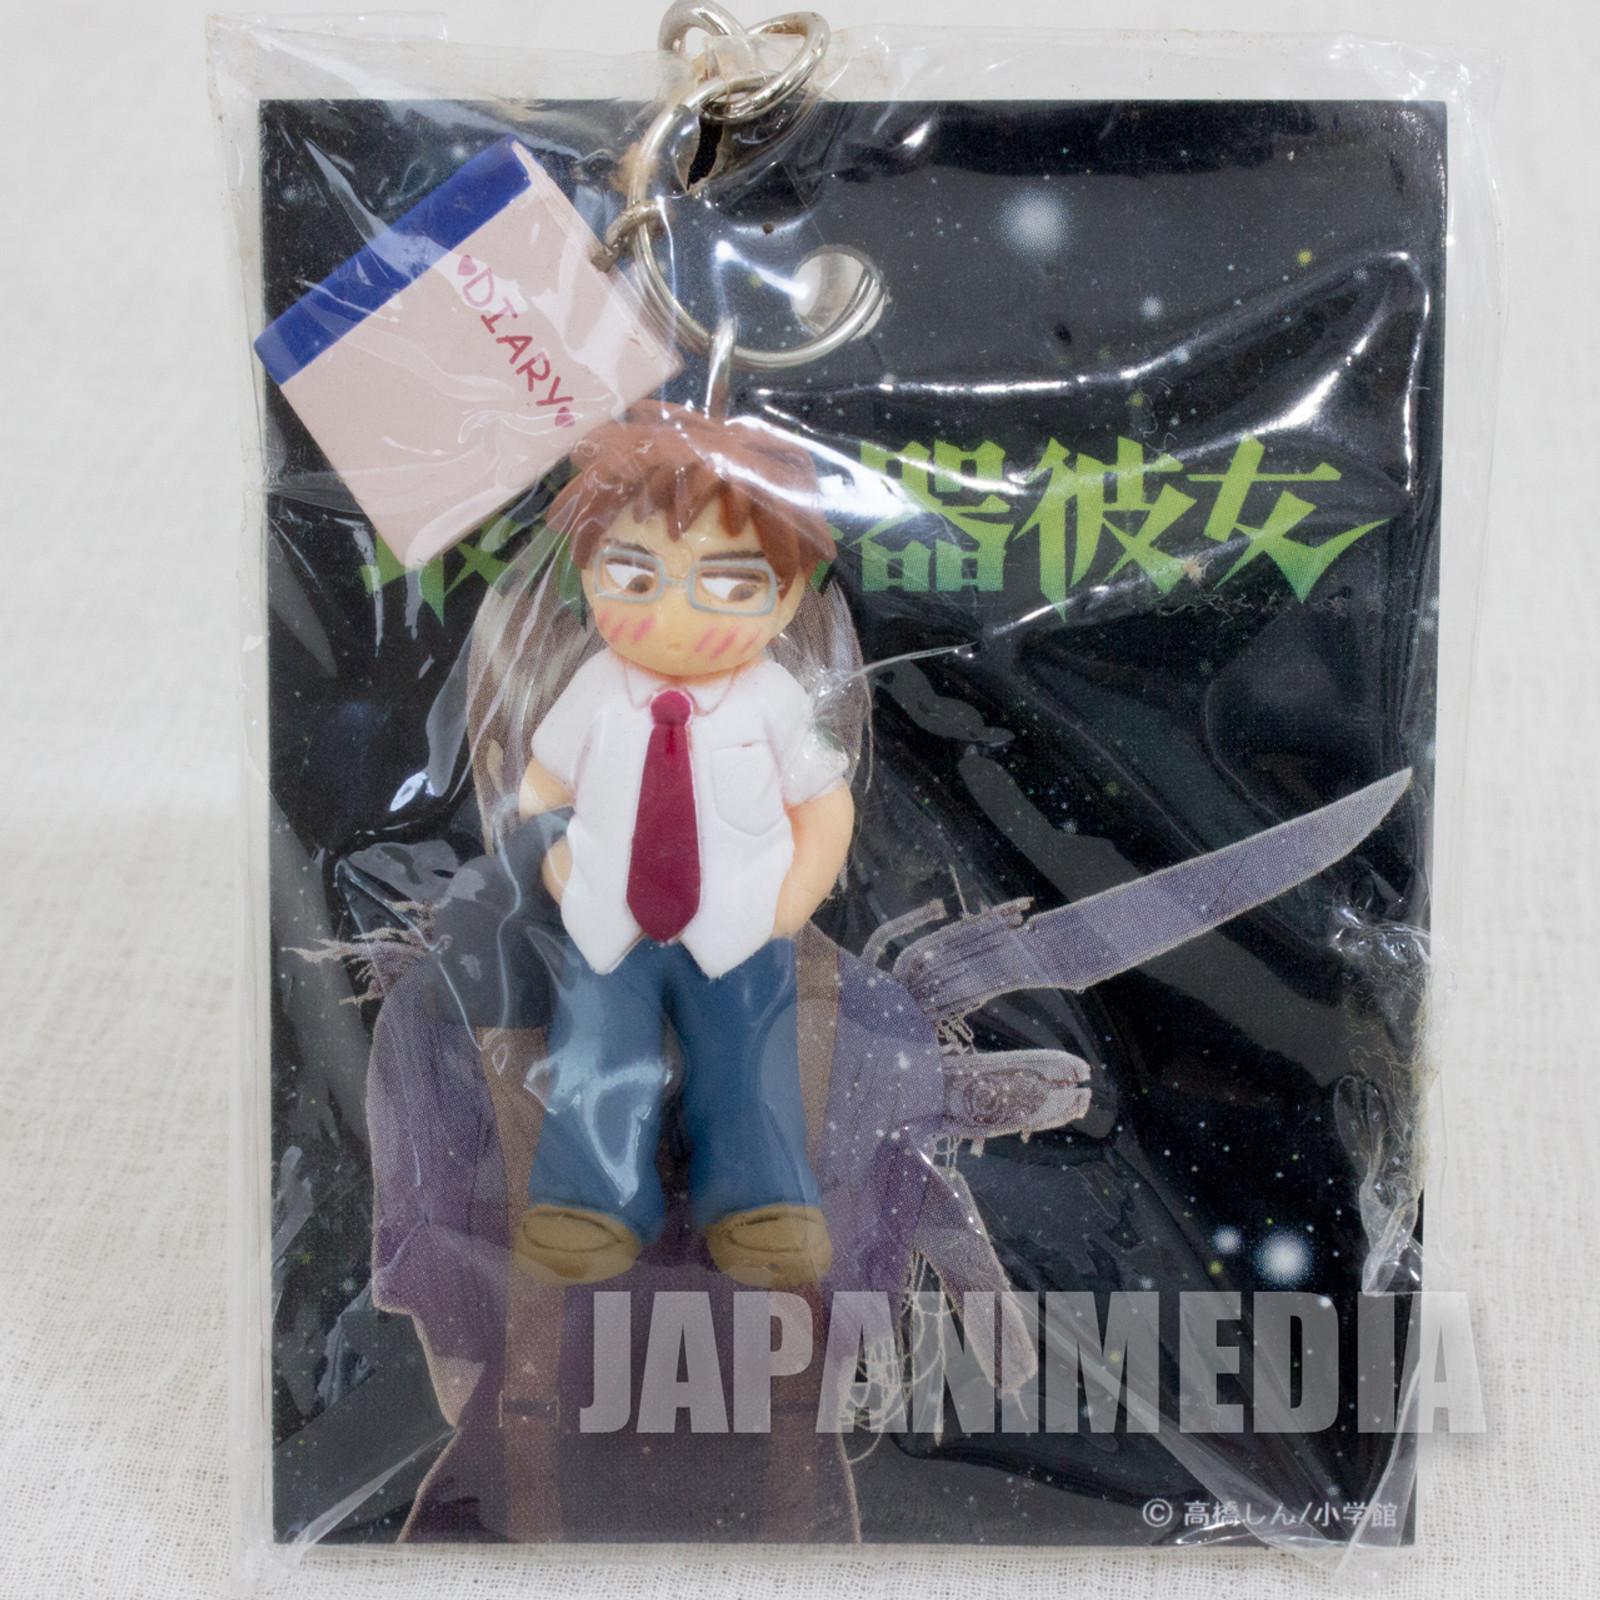 Saikano Saisyu Heiki Kanojo Shuji Figure Key Chain JAPAN ANIME MANGA